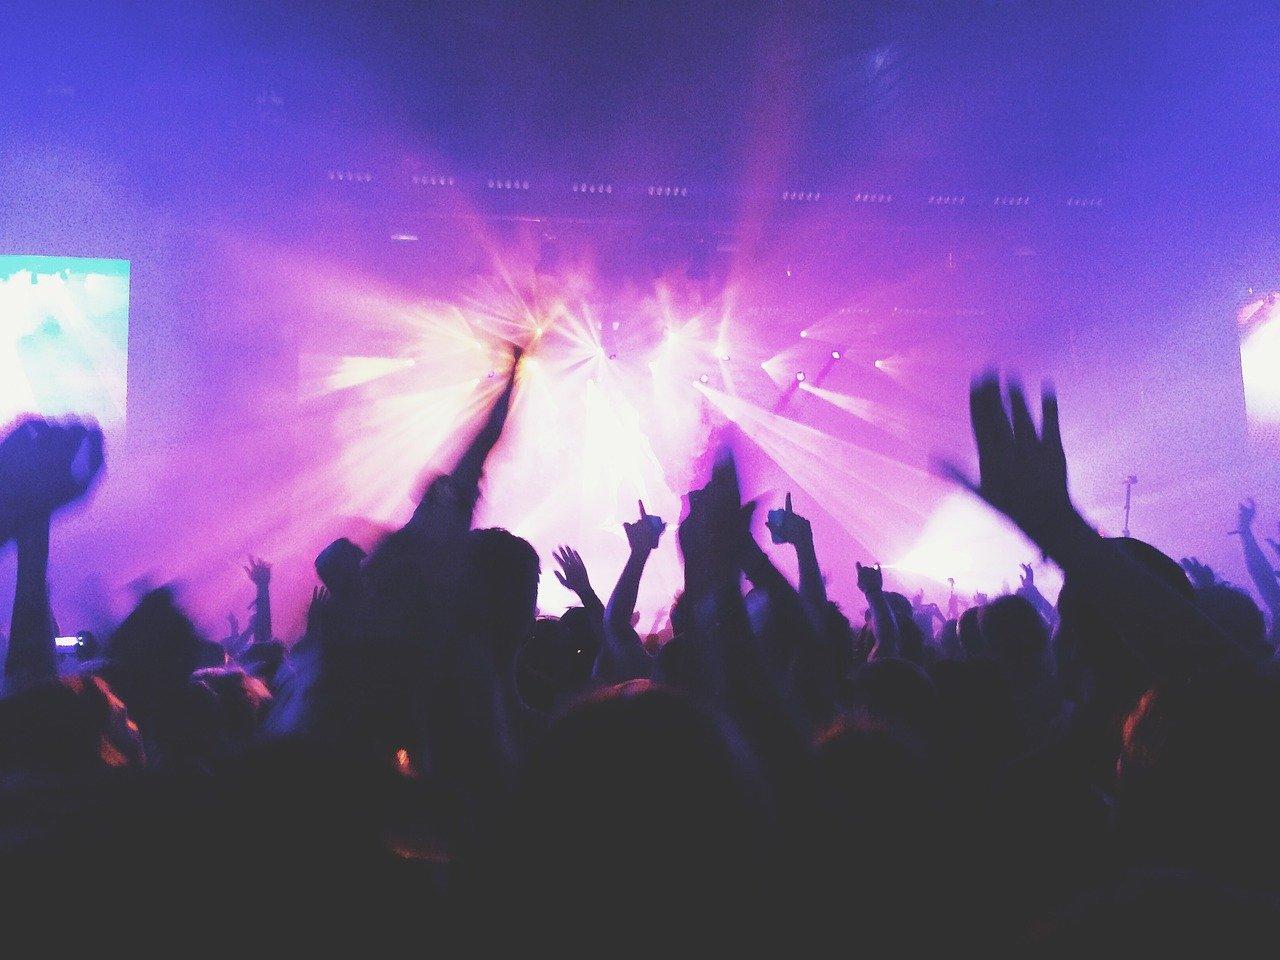 concert-1149979_1280